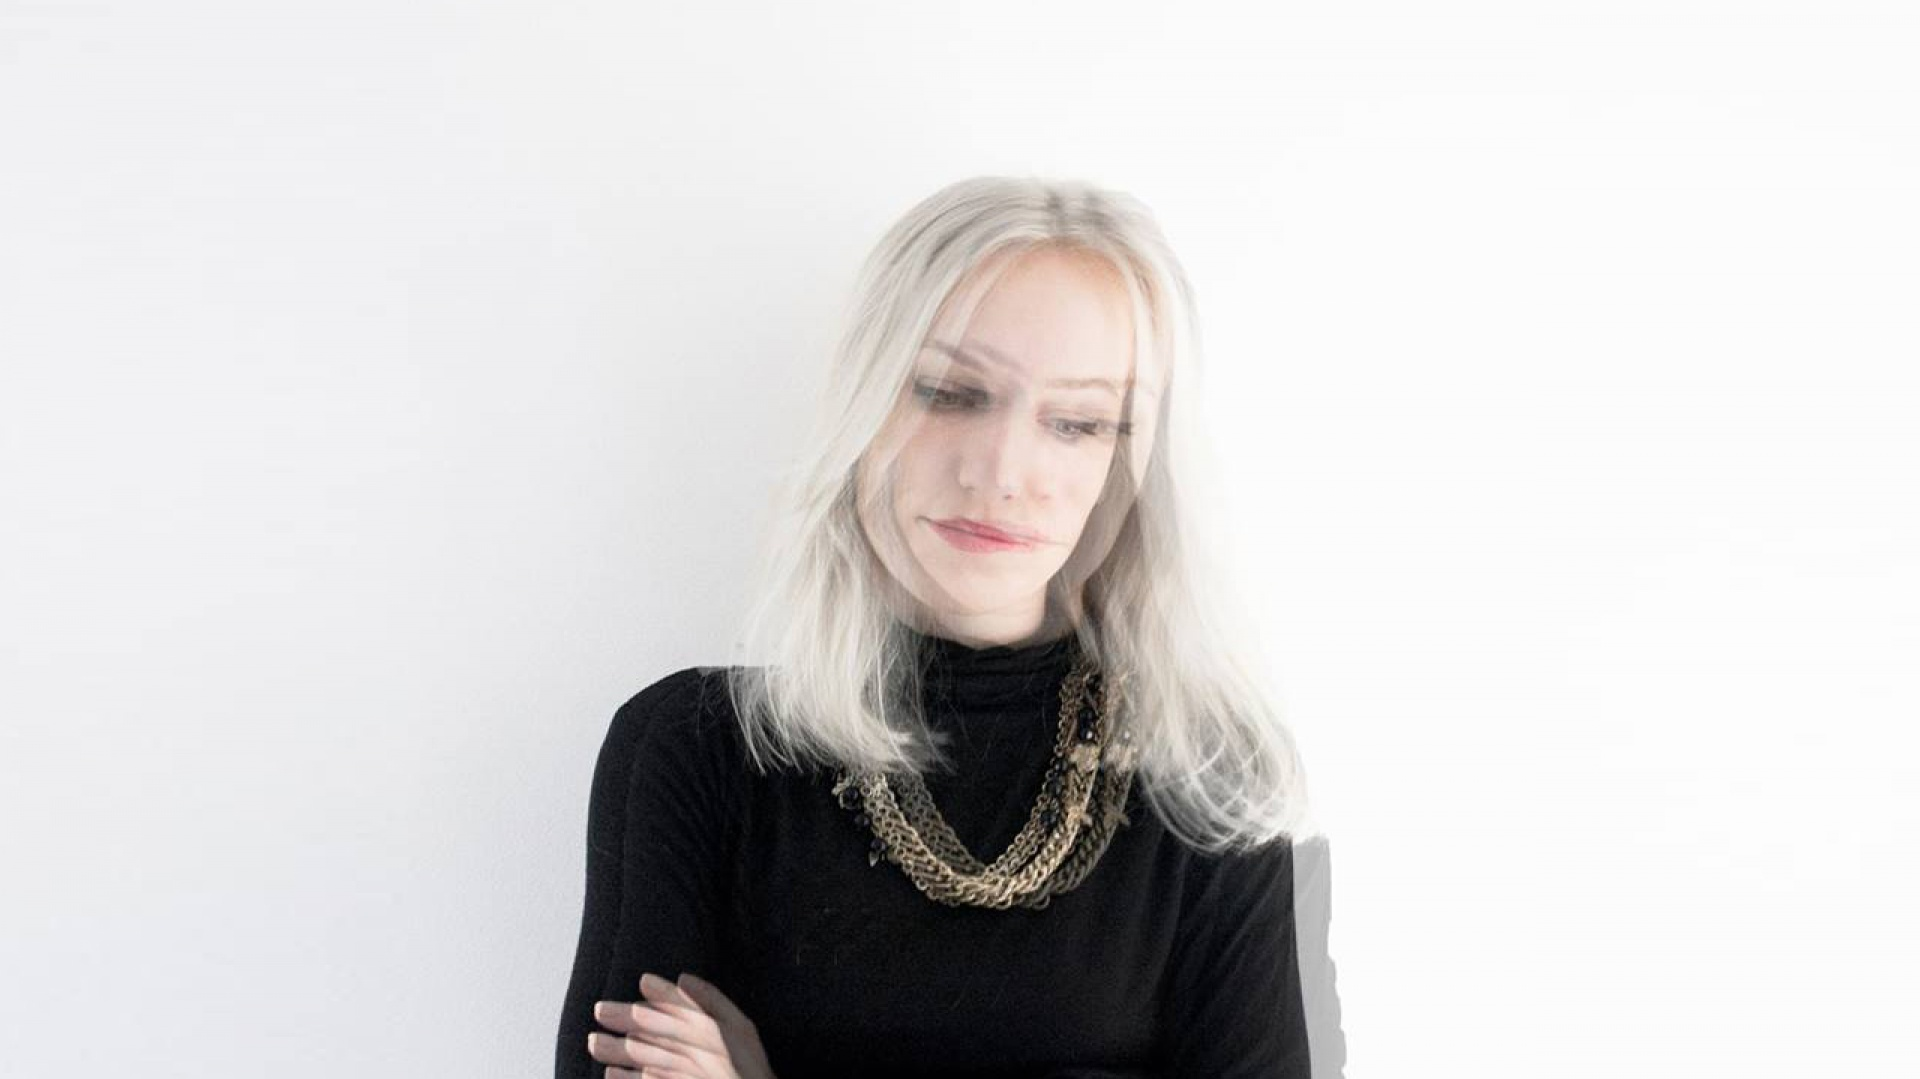 Projektantka, Justyna Wasiluk-Ptaszyńska, absolwentka Politechniki Białostockiej na kierunku architektury wnętrz. Z zamiłowania również ilustrator. Fot. Home And Wood